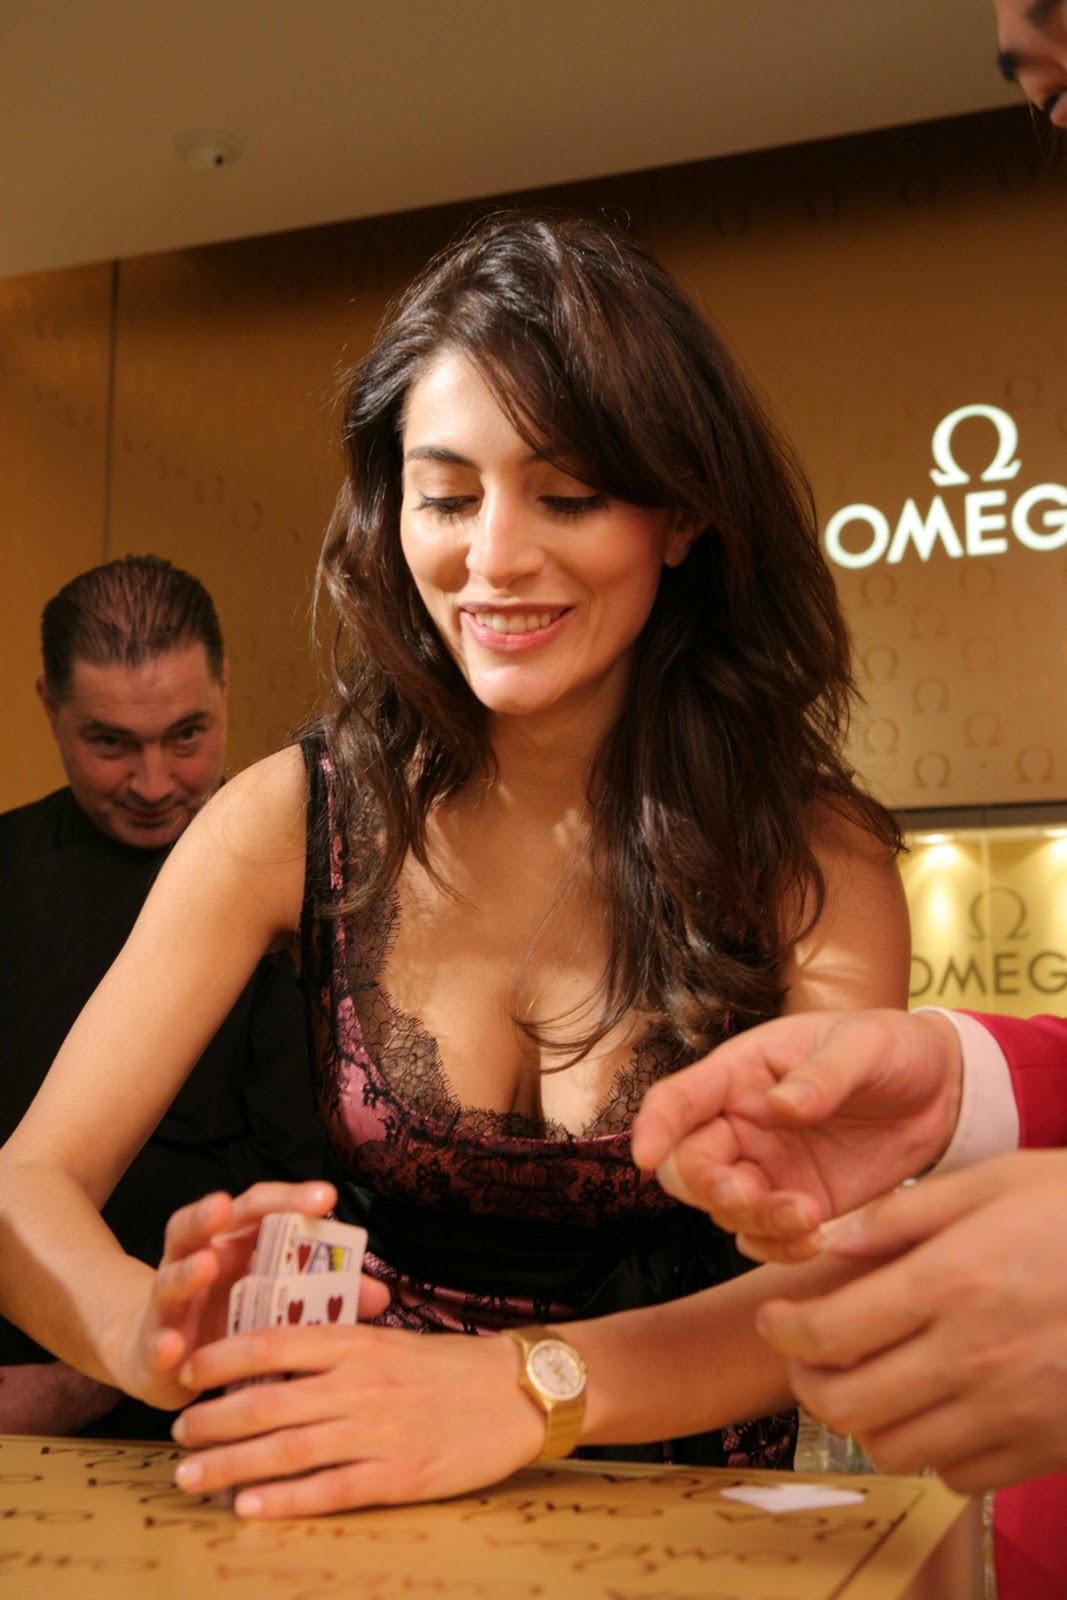 http://3.bp.blogspot.com/_GCAuqodmOE4/TK182YqQSBI/AAAAAAAADOc/58PV-kJ1MtA/s1600/Sexy+Italian+Actress+Caterina+Murino+Photos+%285%29.jpg